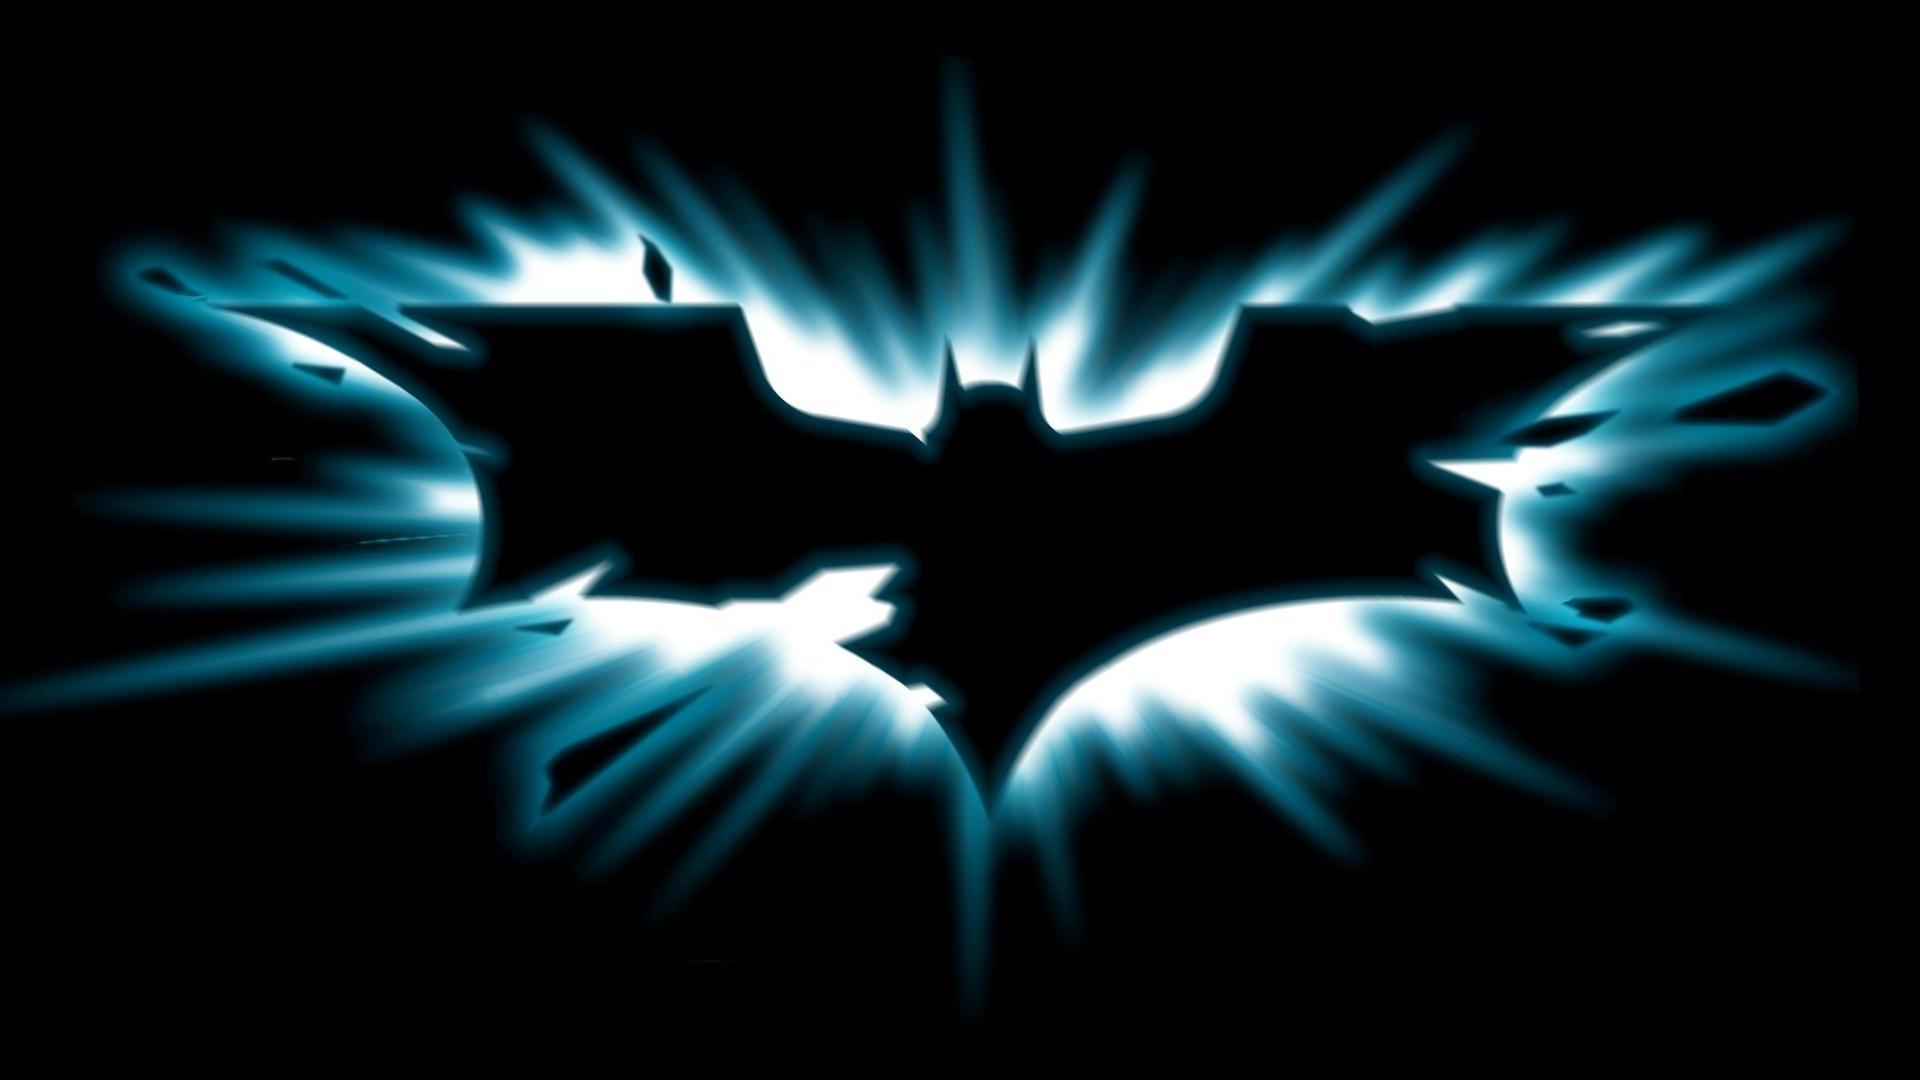 Sfondi desktop hd batman gratis sfondi hd gratis for Sfondi batman